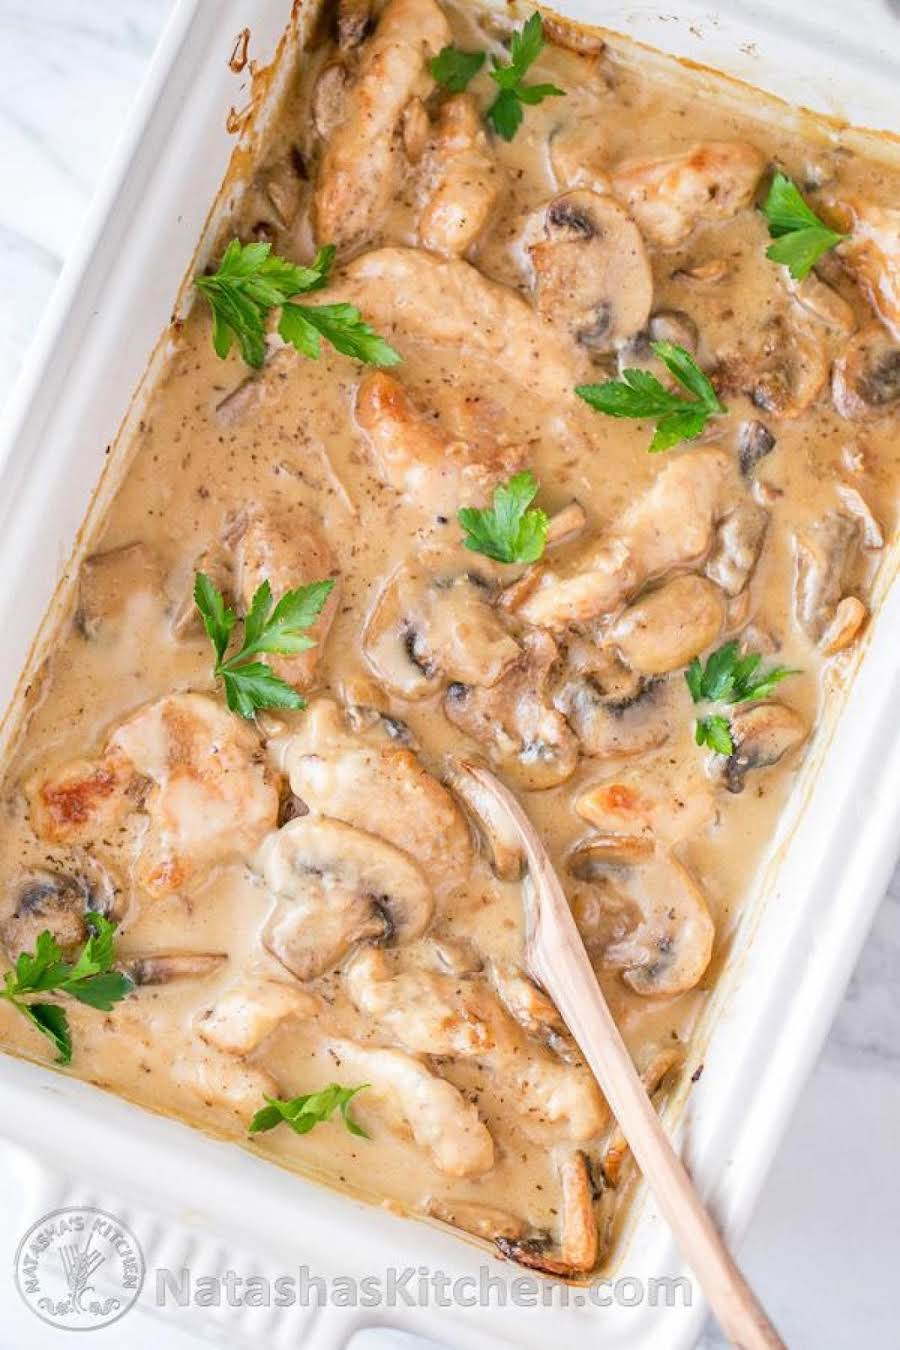 Test Kitchen Turkey Casserole